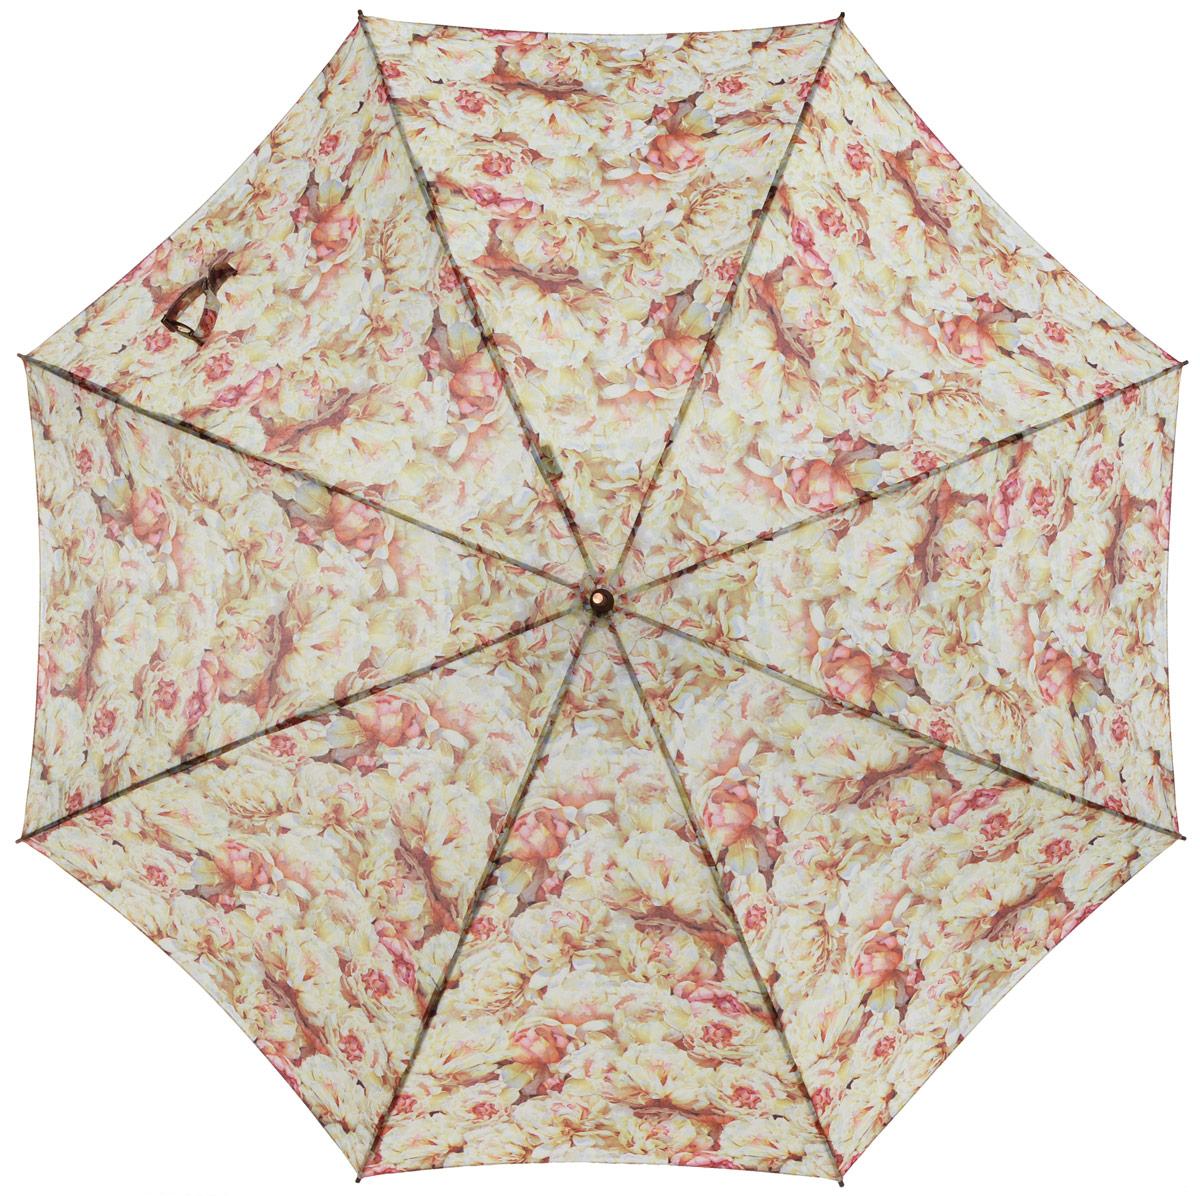 Зонт-трость женский Eleganzza, полуавтомат, 3 сложения, цвет: бежевый, розовый. T-06-0217T-06-0217Элегантный женский зонт-трость Eleganzza не оставит вас незамеченной. Изделие оформлено оригинальным принтом в виде цветов. Зонт состоит из восьми спиц и стержня, изготовленных из стали и фибергласса. Купол выполнен из качественного полиэстера и эпонжа, которые не пропускают воду. Зонт дополнен удобной ручкой из акрила, которая имеет форму крючка. Также зонт имеет заостренный наконечник, который устраняет попадание воды на стержень и уберегает зонт от повреждений. Изделие имеет полуавтоматический механизм сложения: купол открывается нажатием кнопки на ручке, а складывается вручную до характерного щелчка. Оригинальный и практичный аксессуар даже в ненастную погоду позволит вам оставаться женственной и привлекательной.